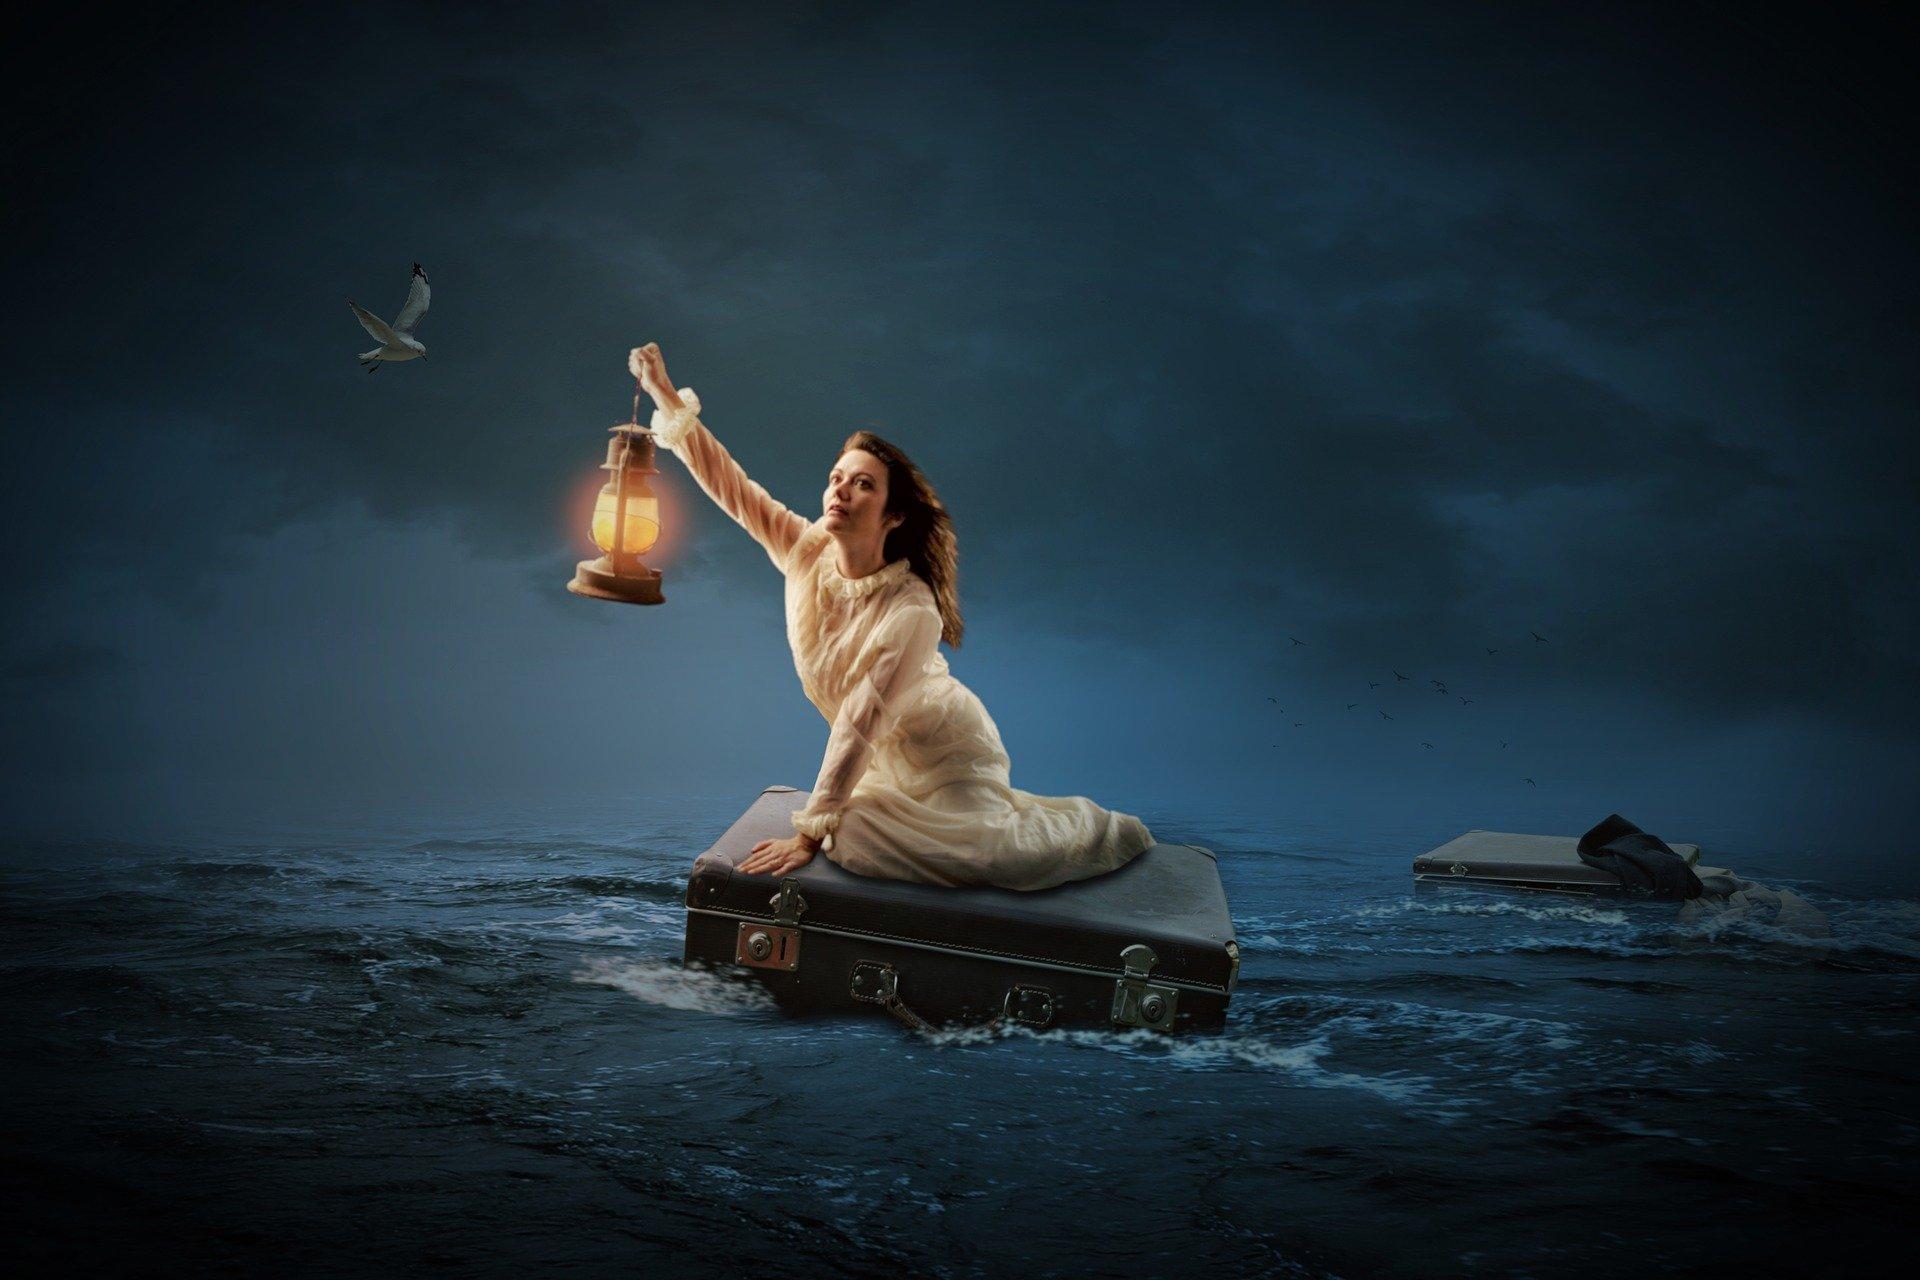 una donna in mezzo al mare seduta su una valigia mentre si fa luce con una lanterna